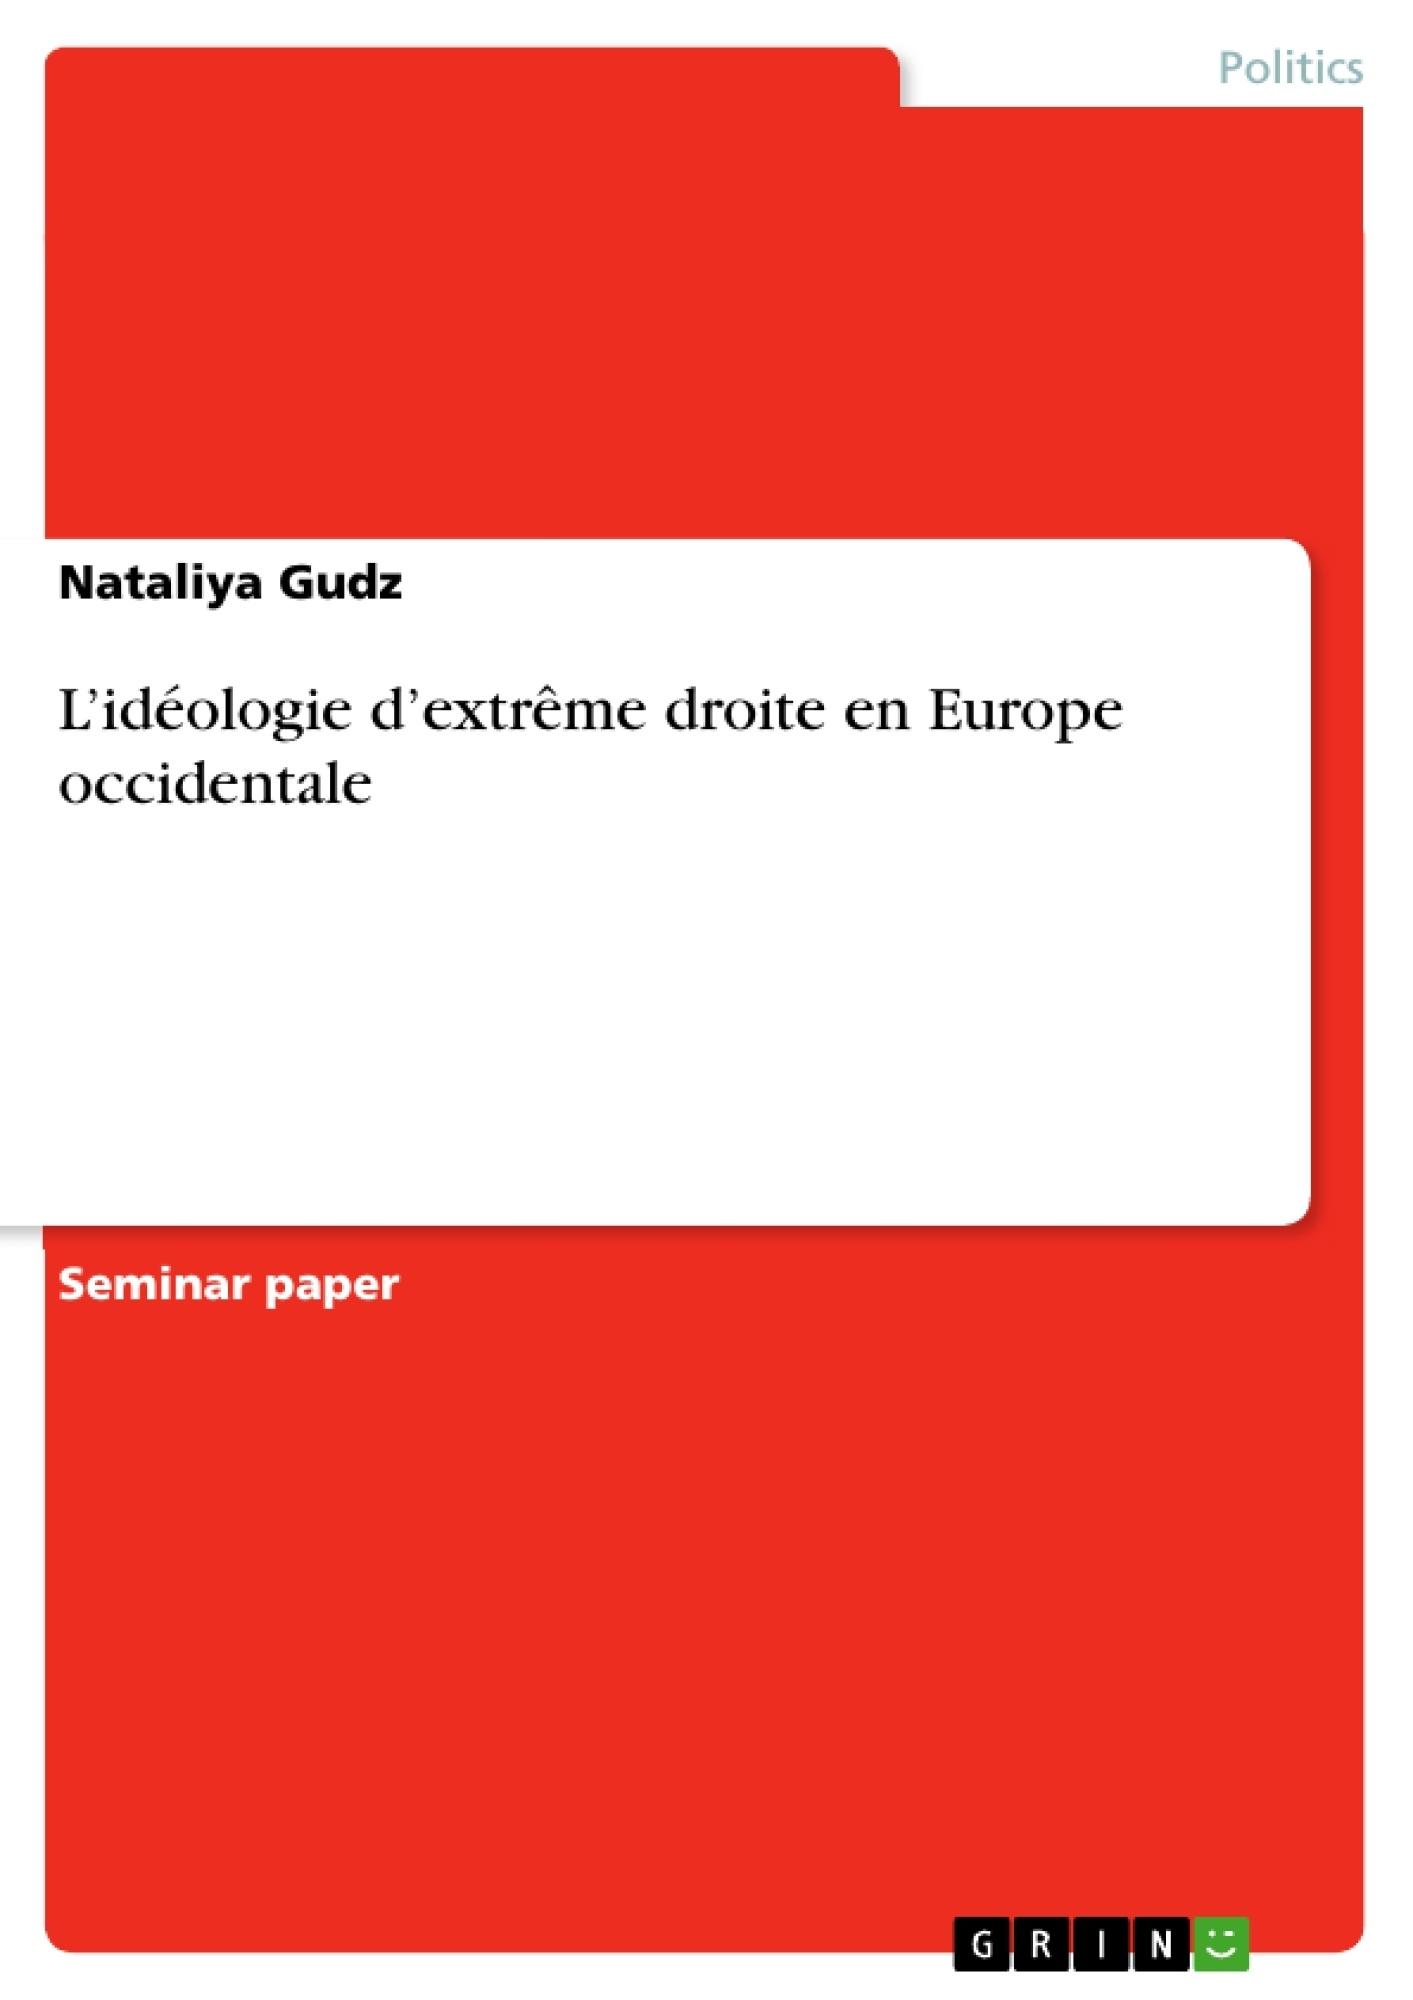 Titre: L'idéologie d'extrême droite en Europe occidentale